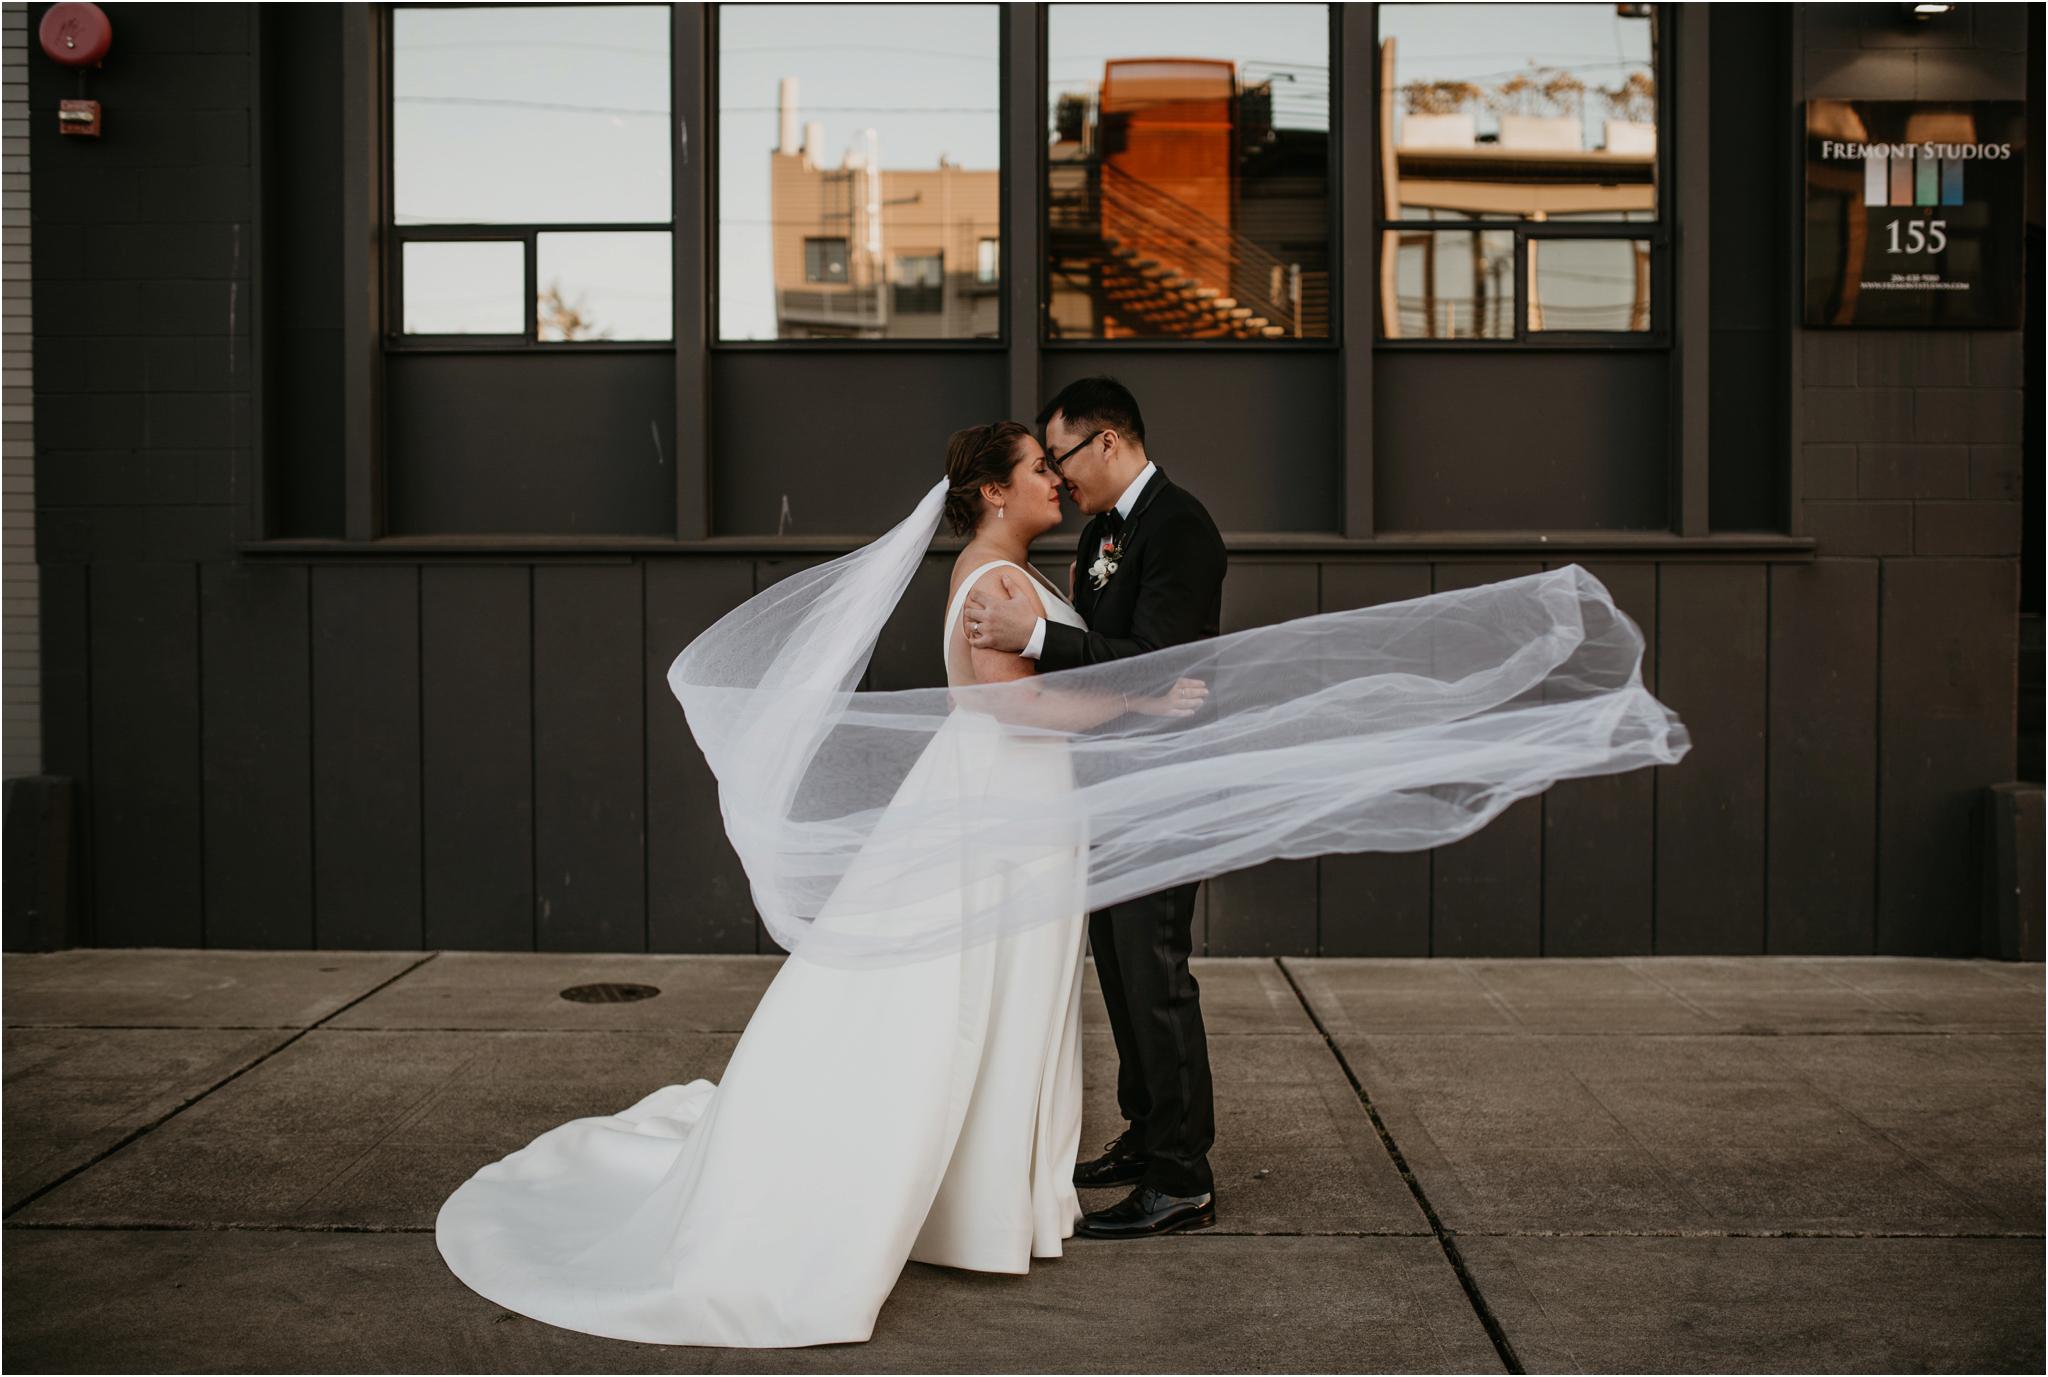 ashley-and-david-fremont-foundry-seattle-washington-wedding-photographer-086.jpg